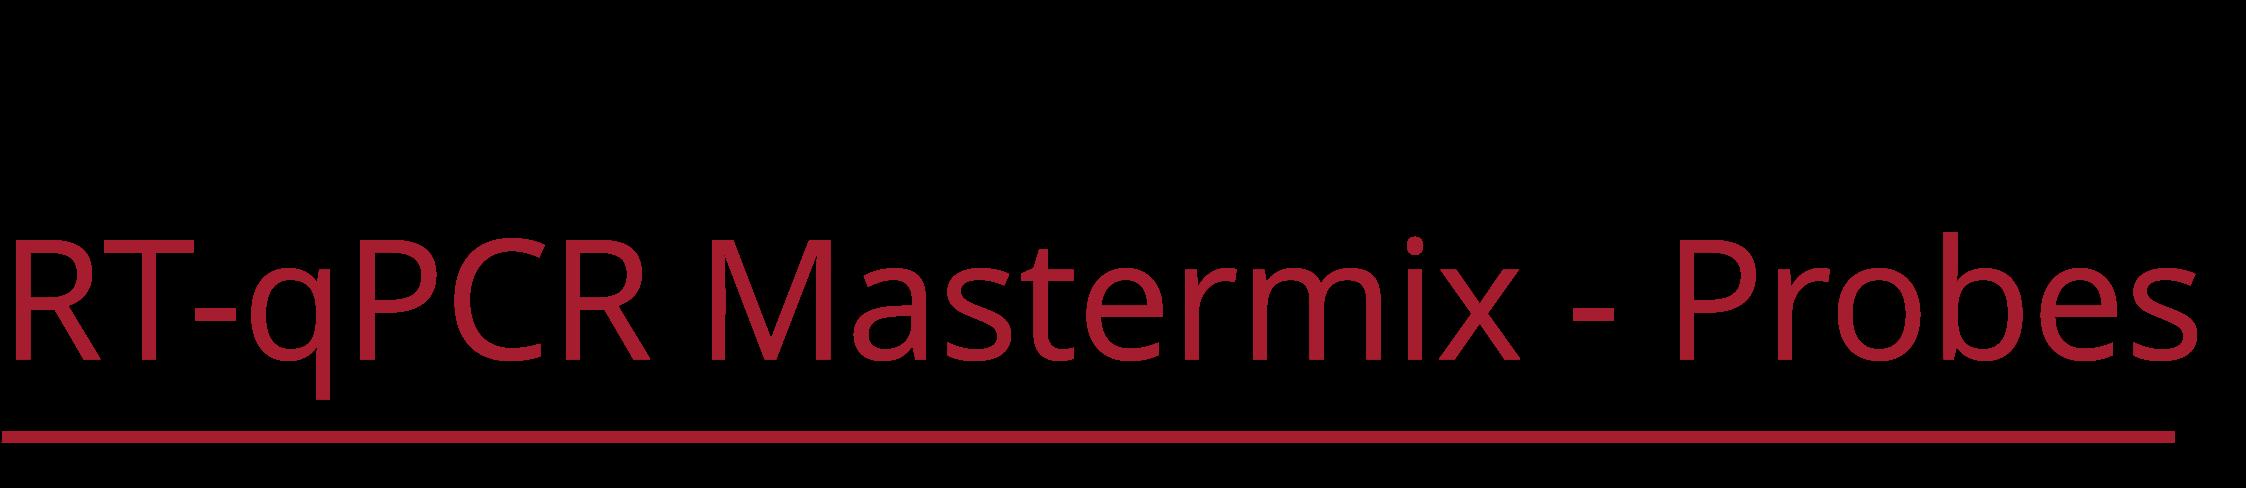 RT-qPCR Mastermix